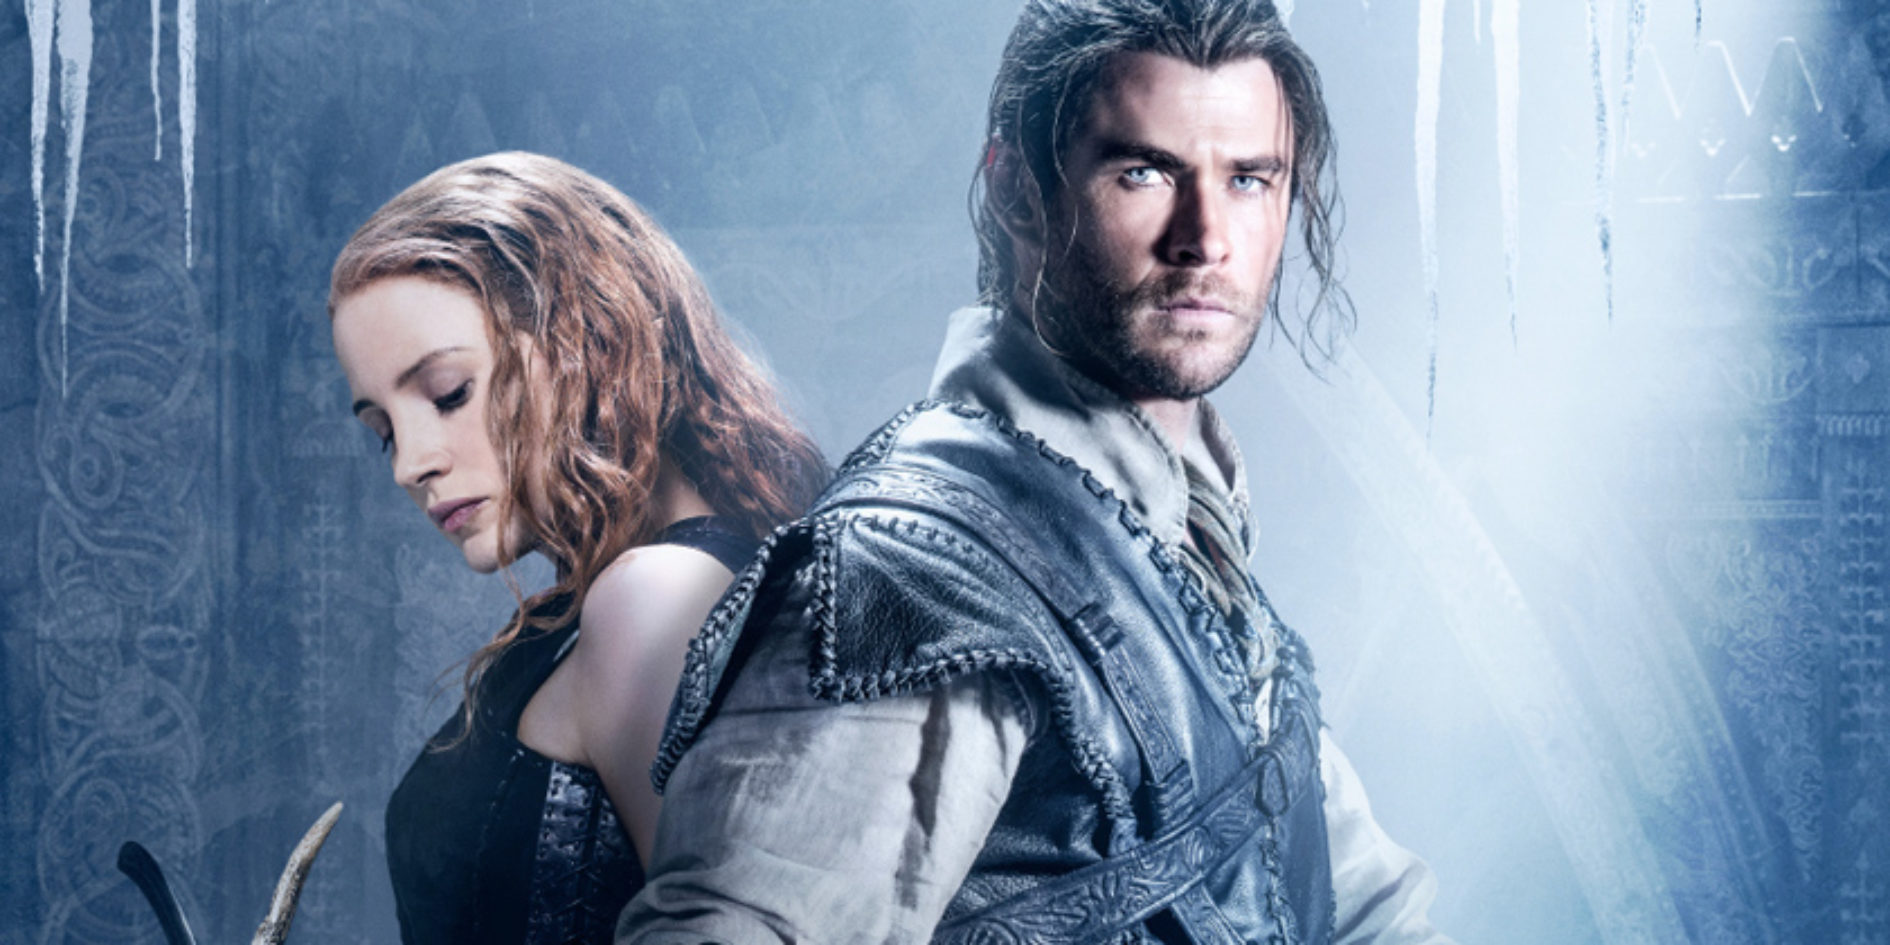 Le Chasseur et la Reine des Glaces, une nouvelle adaptation du classique Blanche Neige